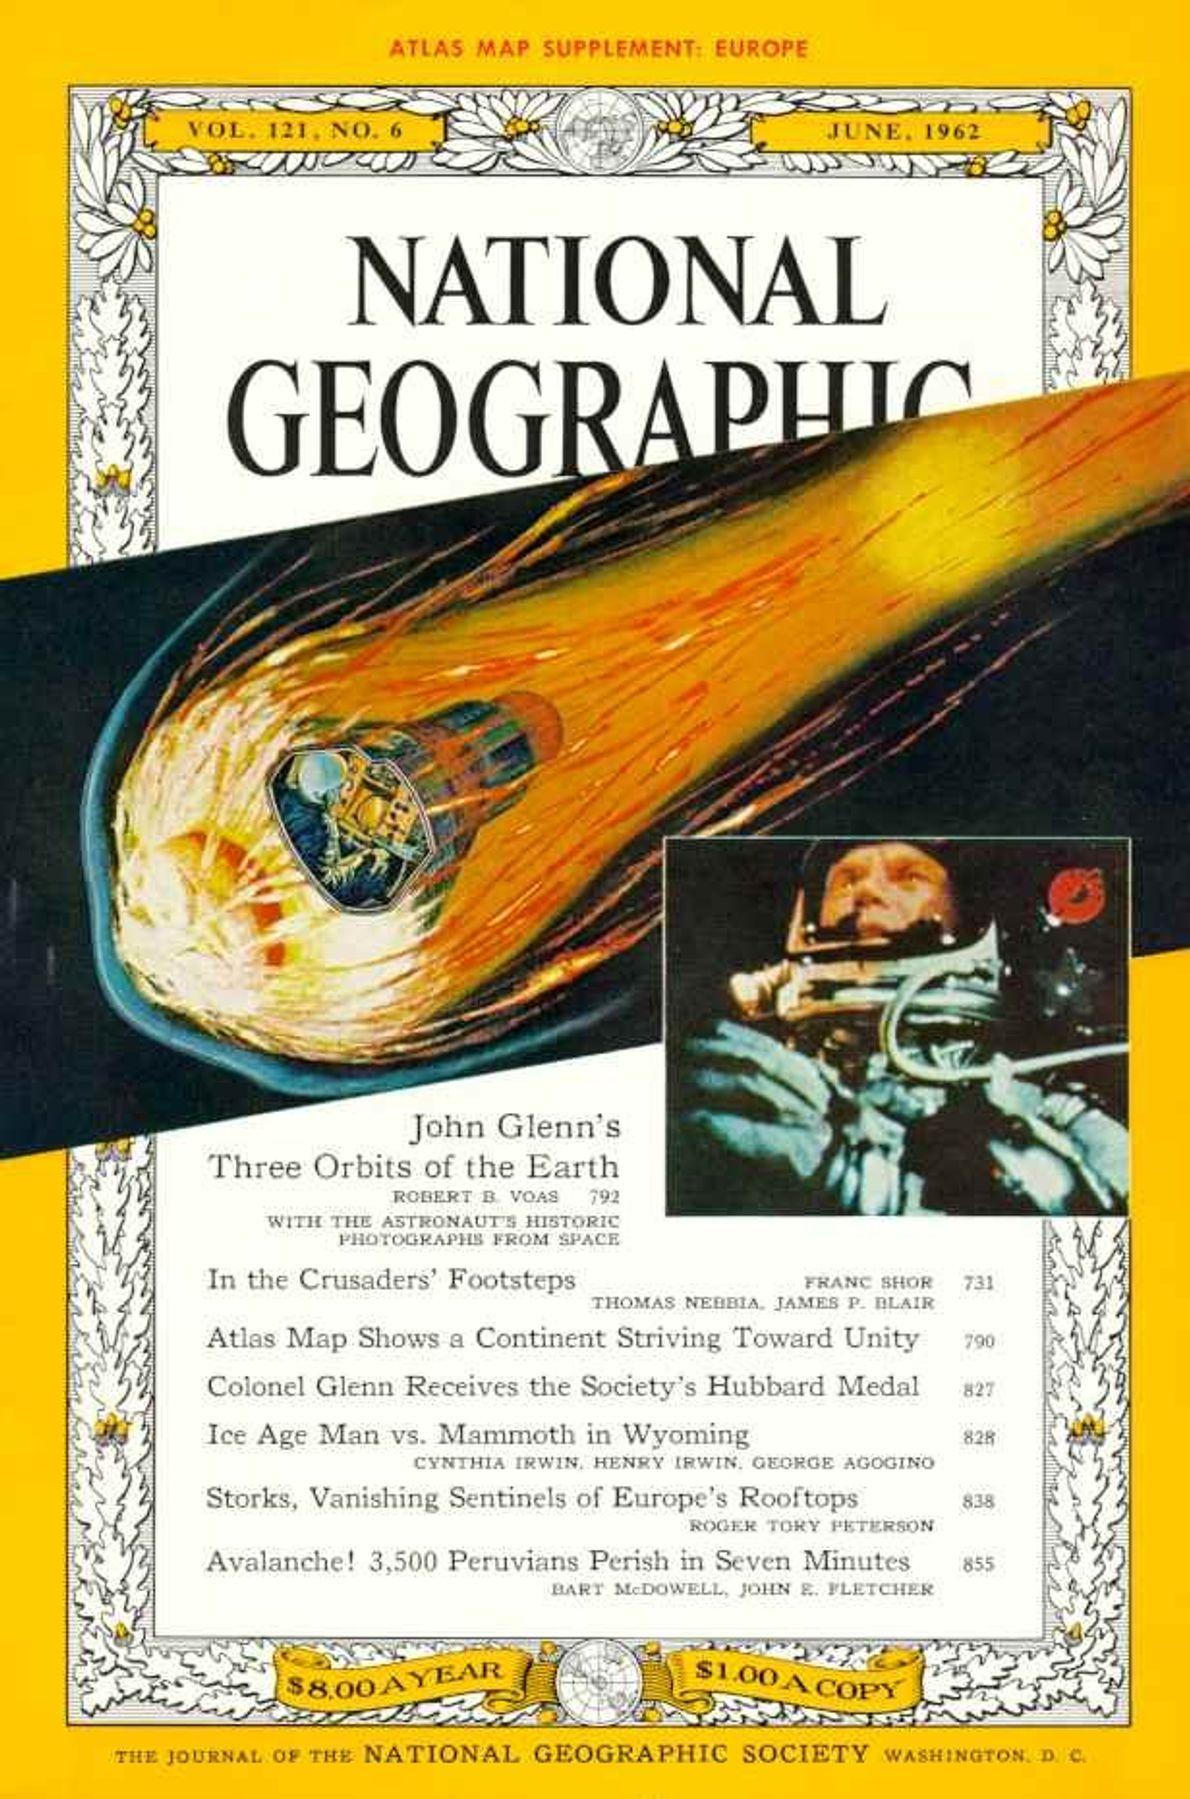 Junio 1962: John Glenn orbita alrededor de la Tierra